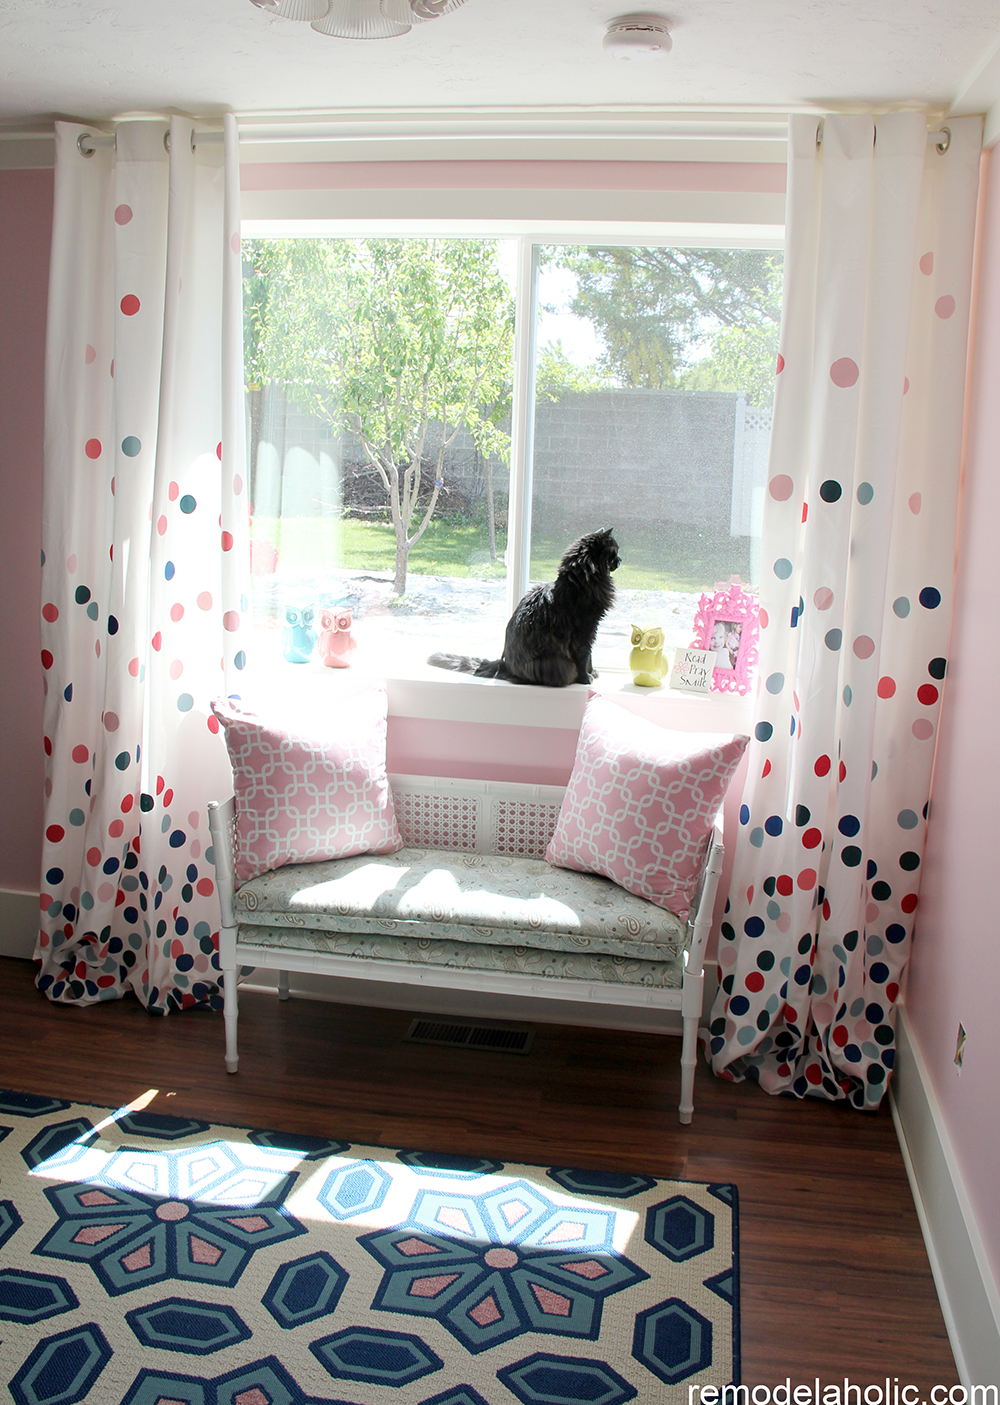 25 DIY Window Coverings | Remodelaholic